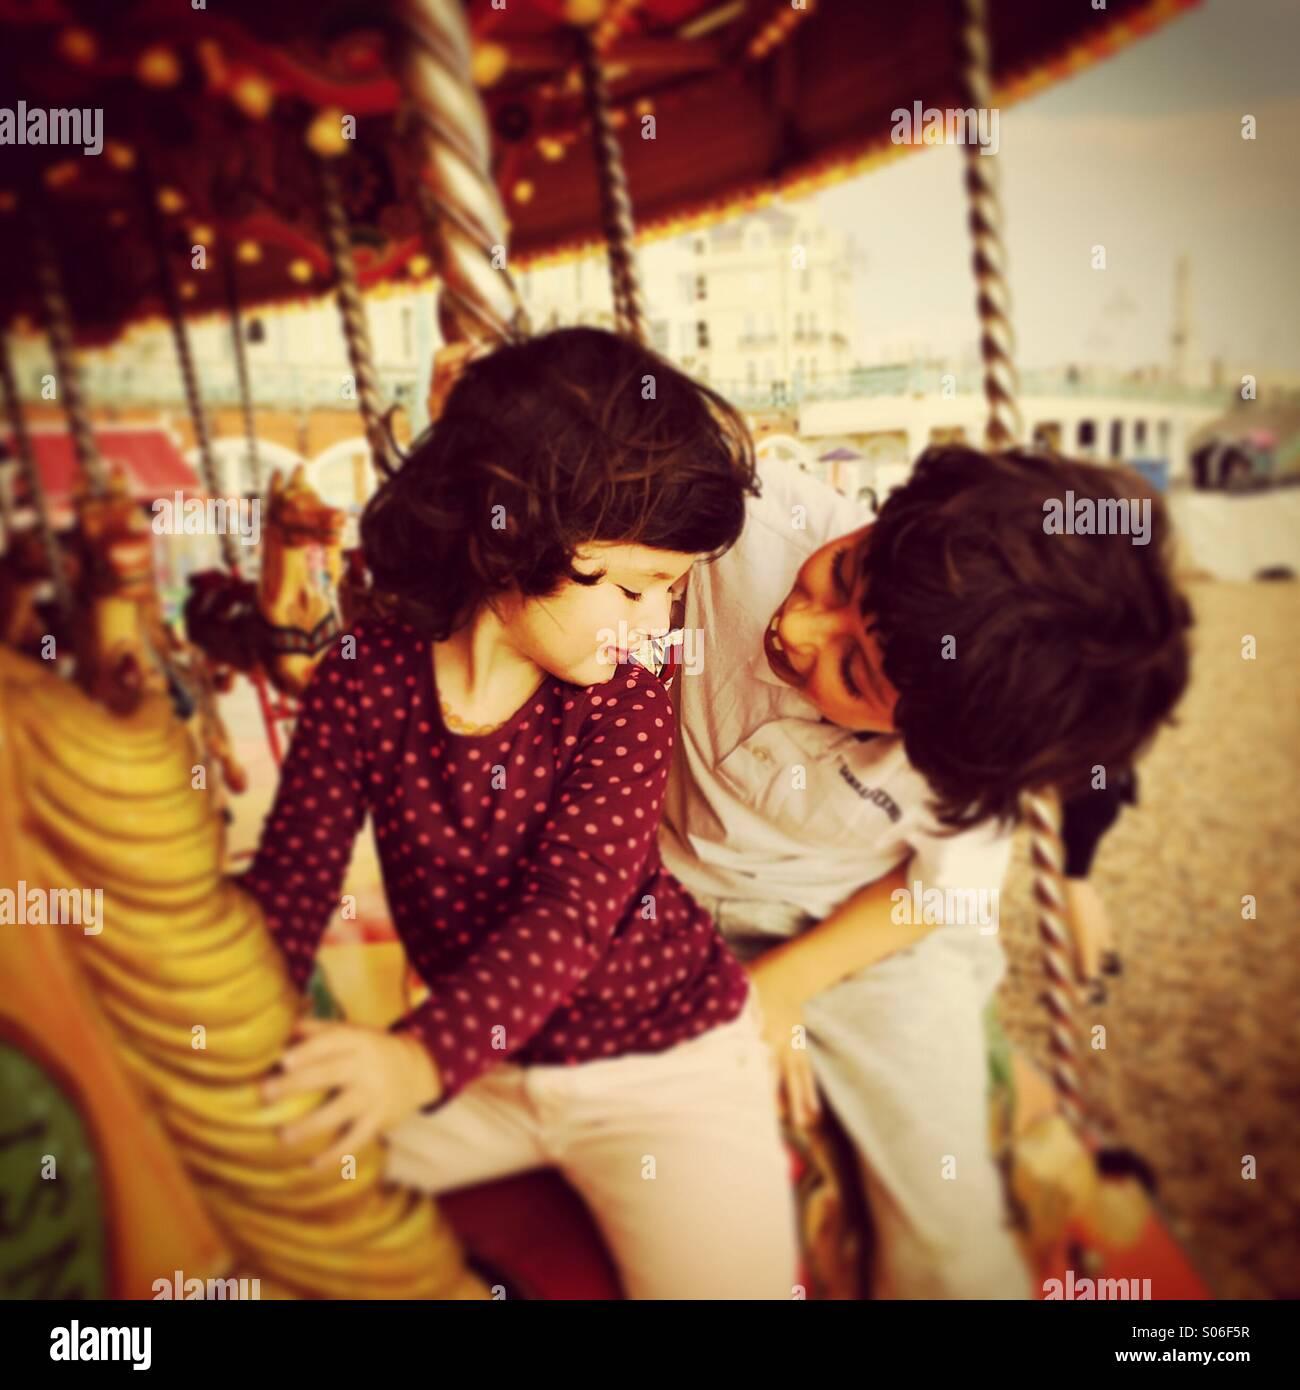 Hermano y hermana divertirse en un Tiovivo / Carrusel en Brighton, Inglaterra Imagen De Stock